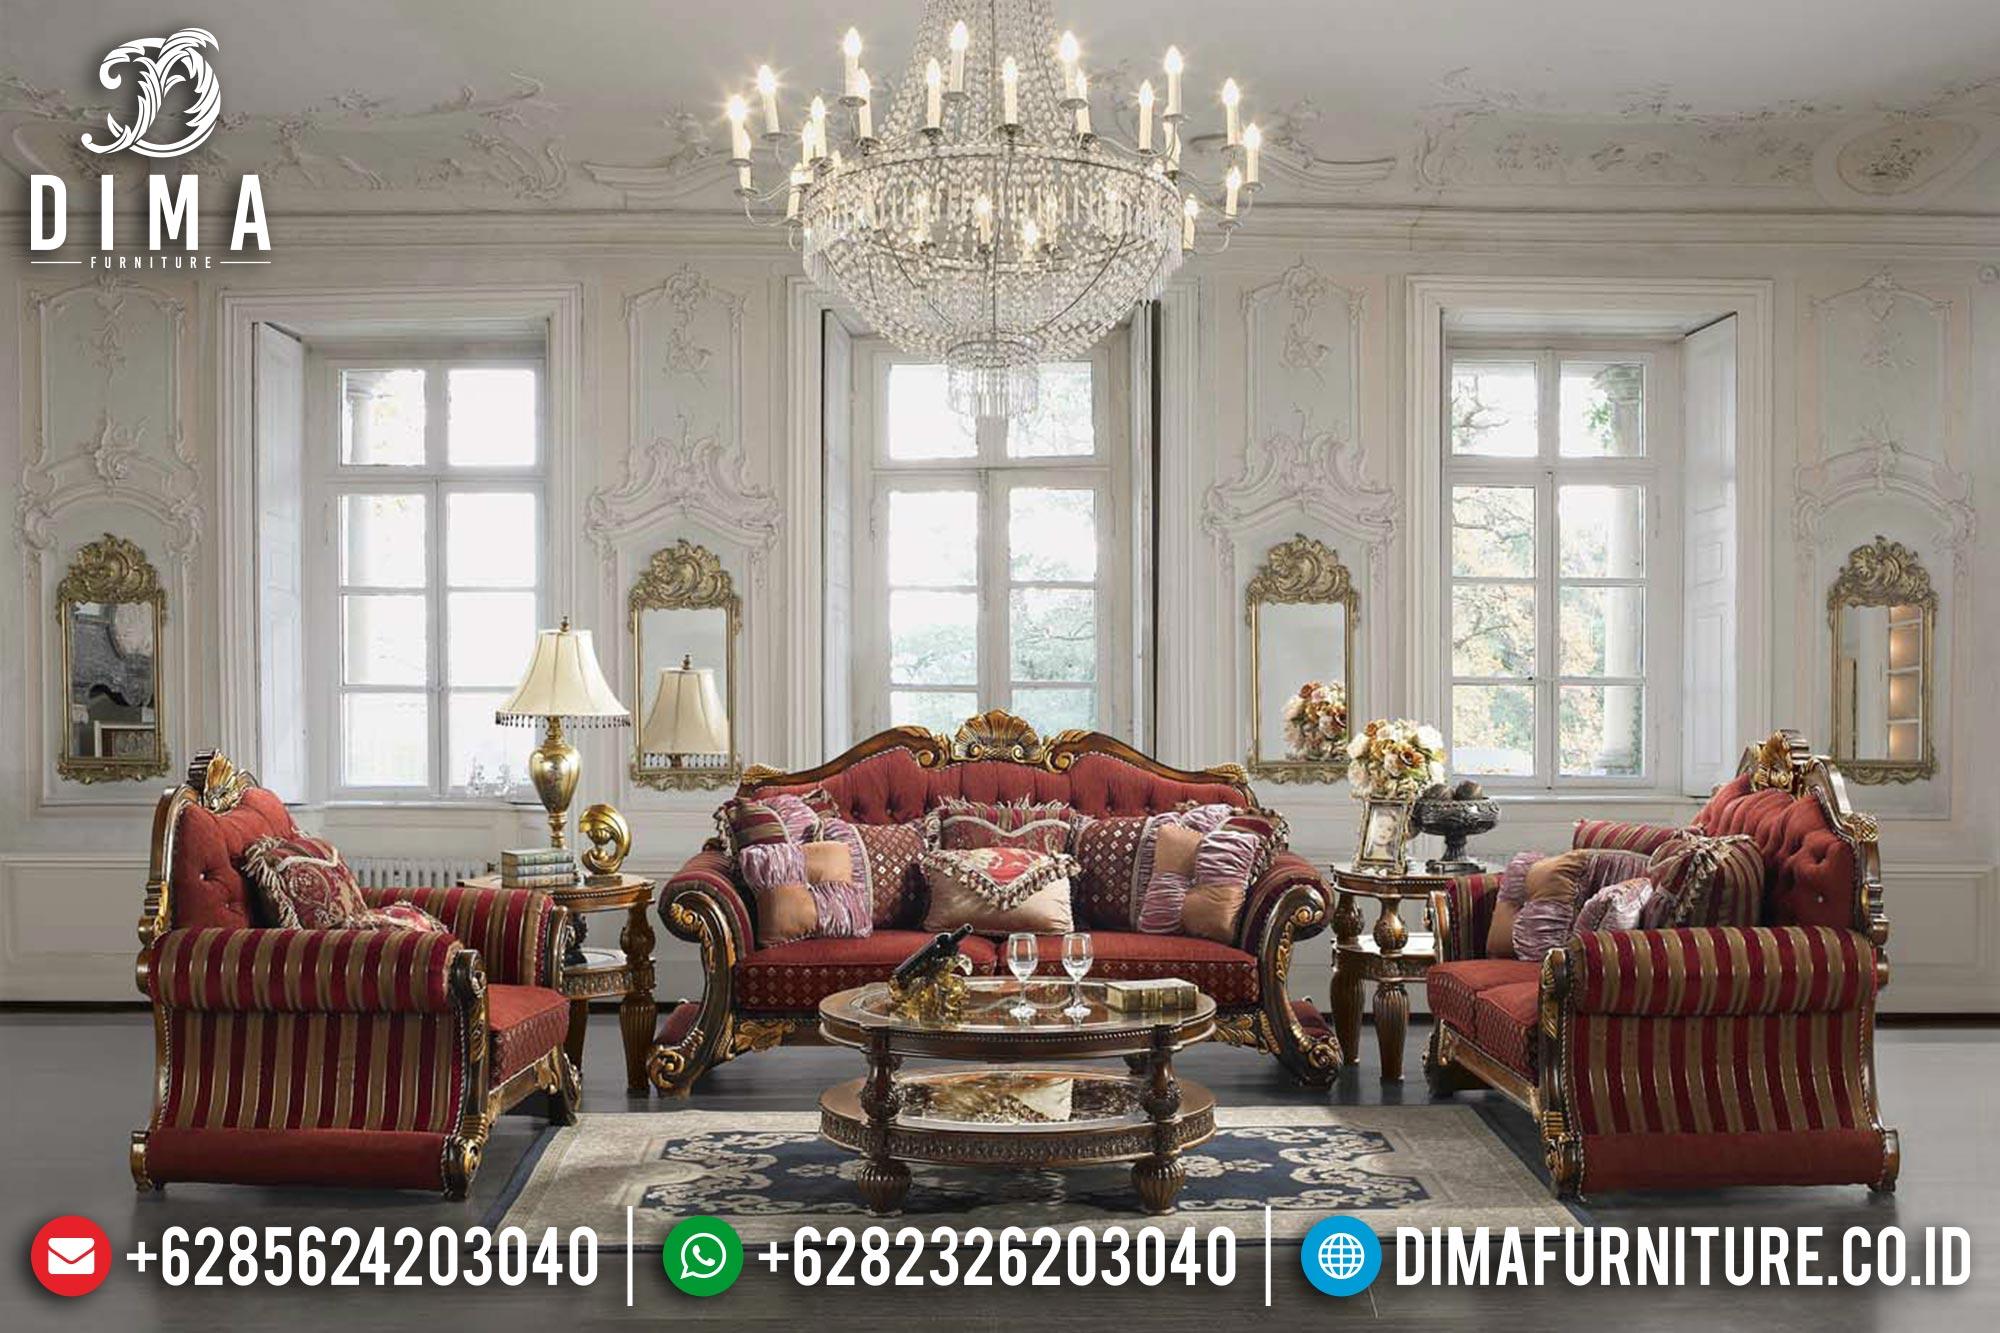 Sofa Tamu Jepara Mewah Minimalis Terbaru 07 Dima Furniture Jepara